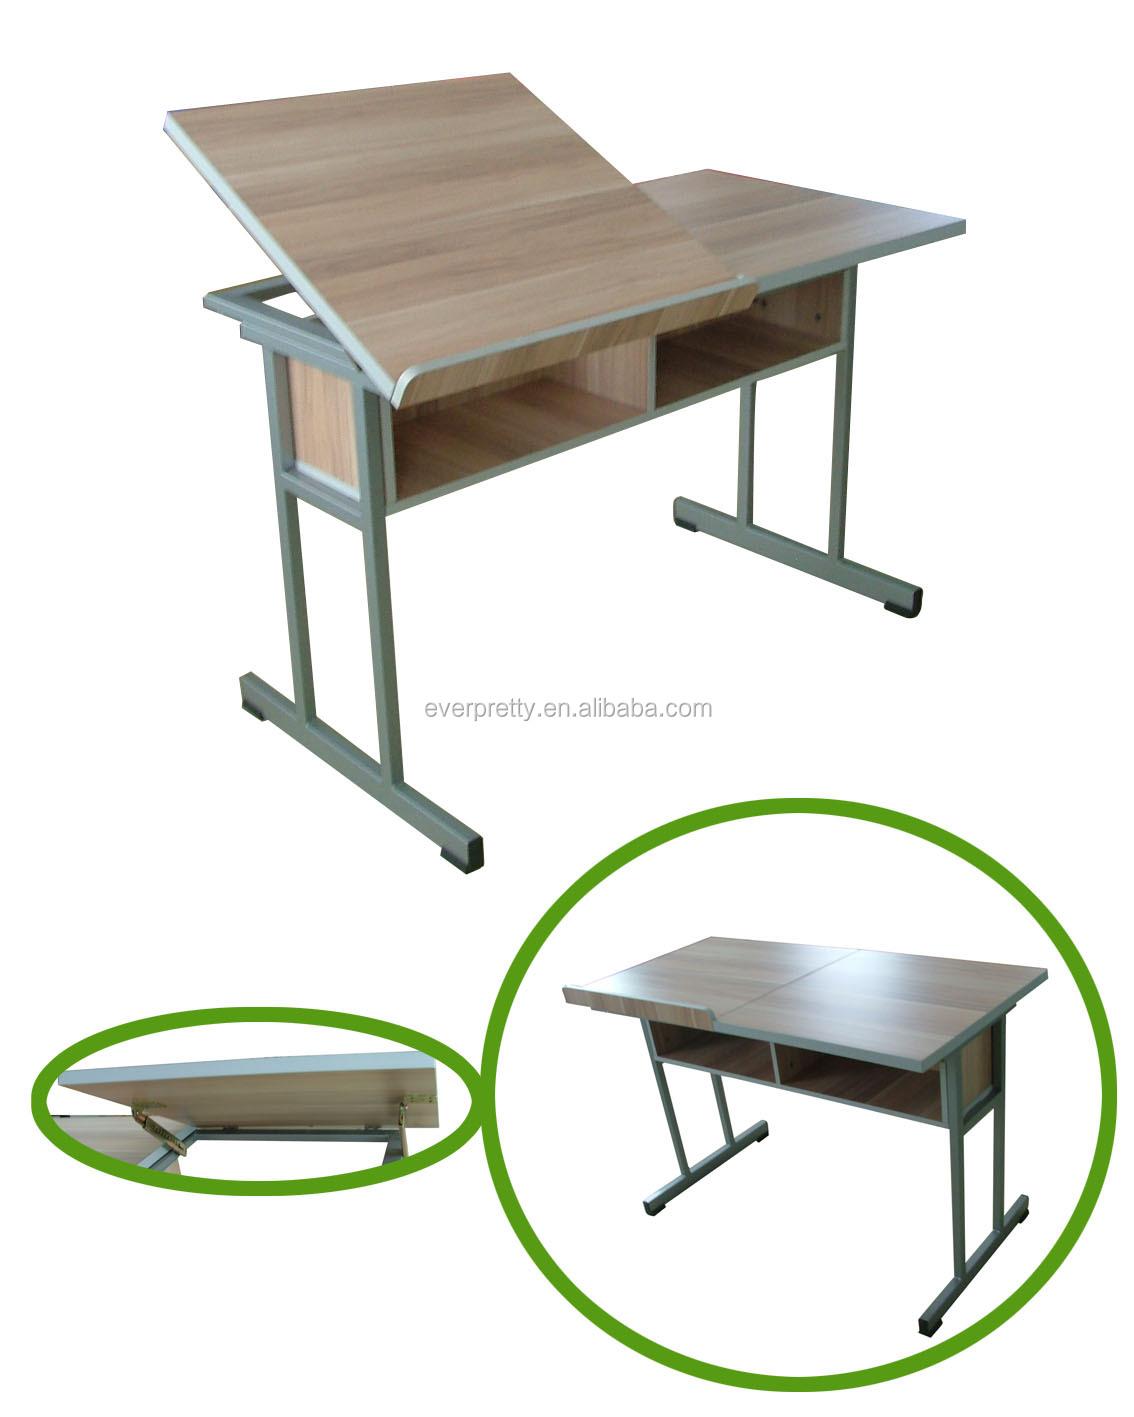 commerciale tavoli da disegno,disegno scuola banchi di scuola ... - Tavolo Da Disegno Per Bambini